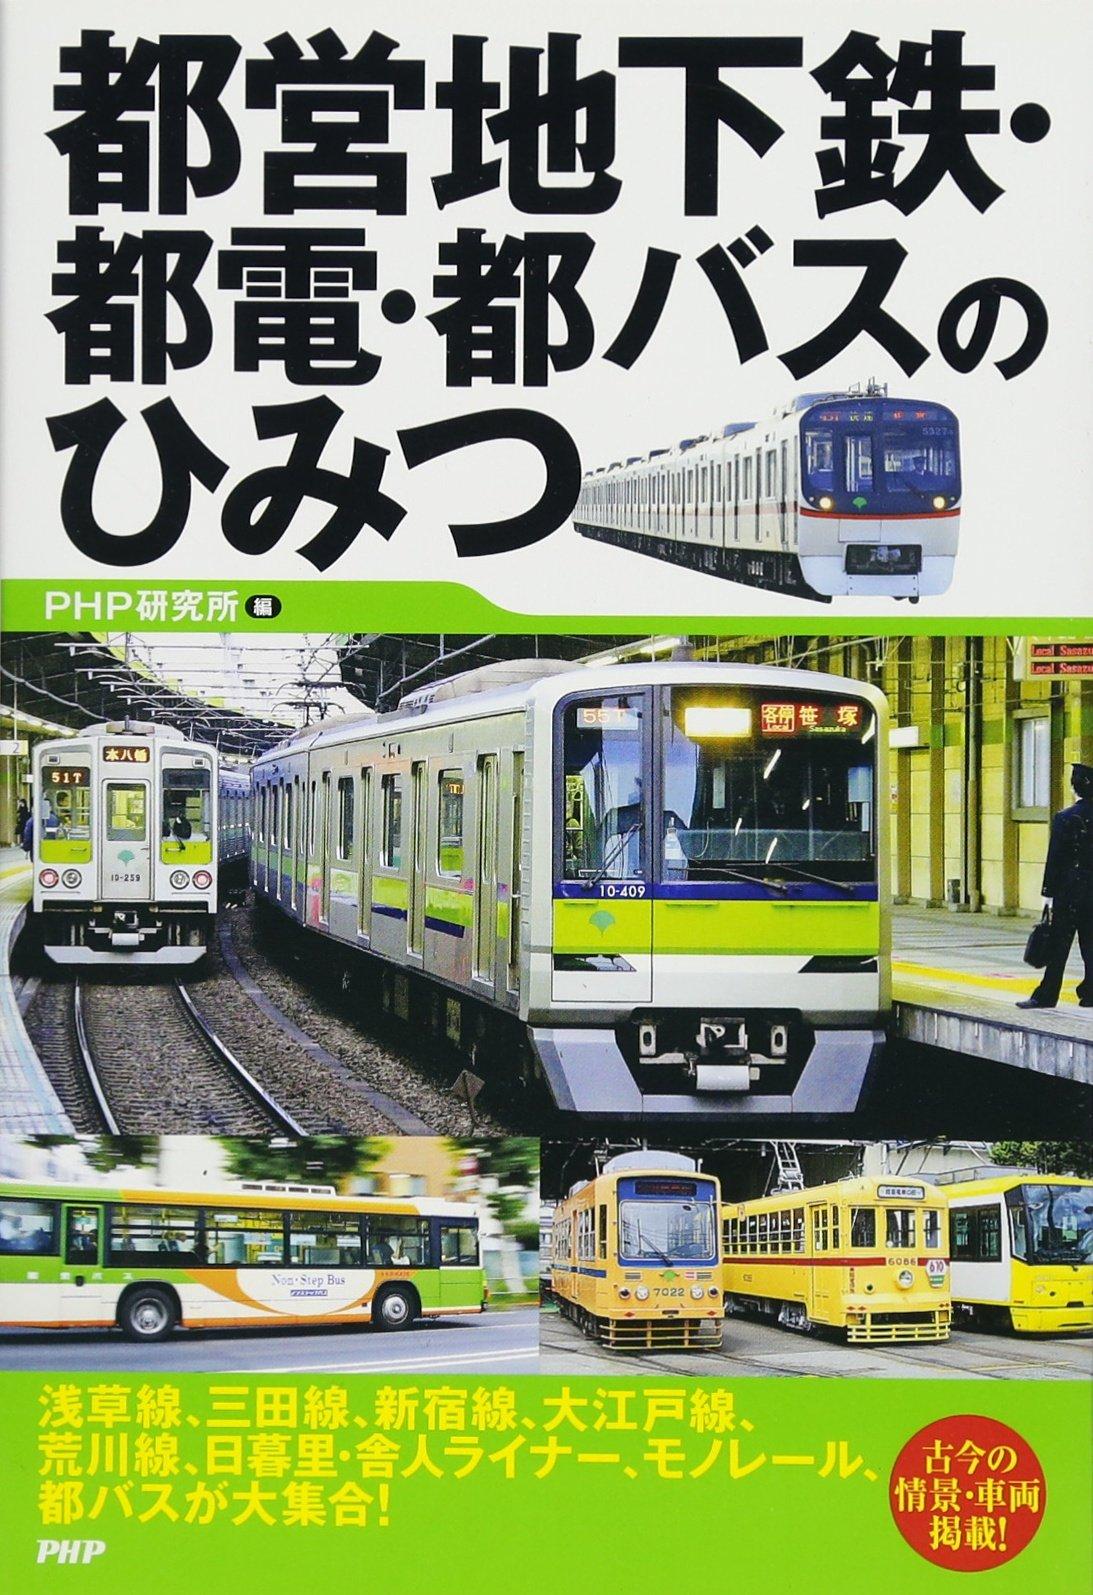 地下鉄 都営 都営地下鉄|日本の地下鉄|日本地下鉄協会